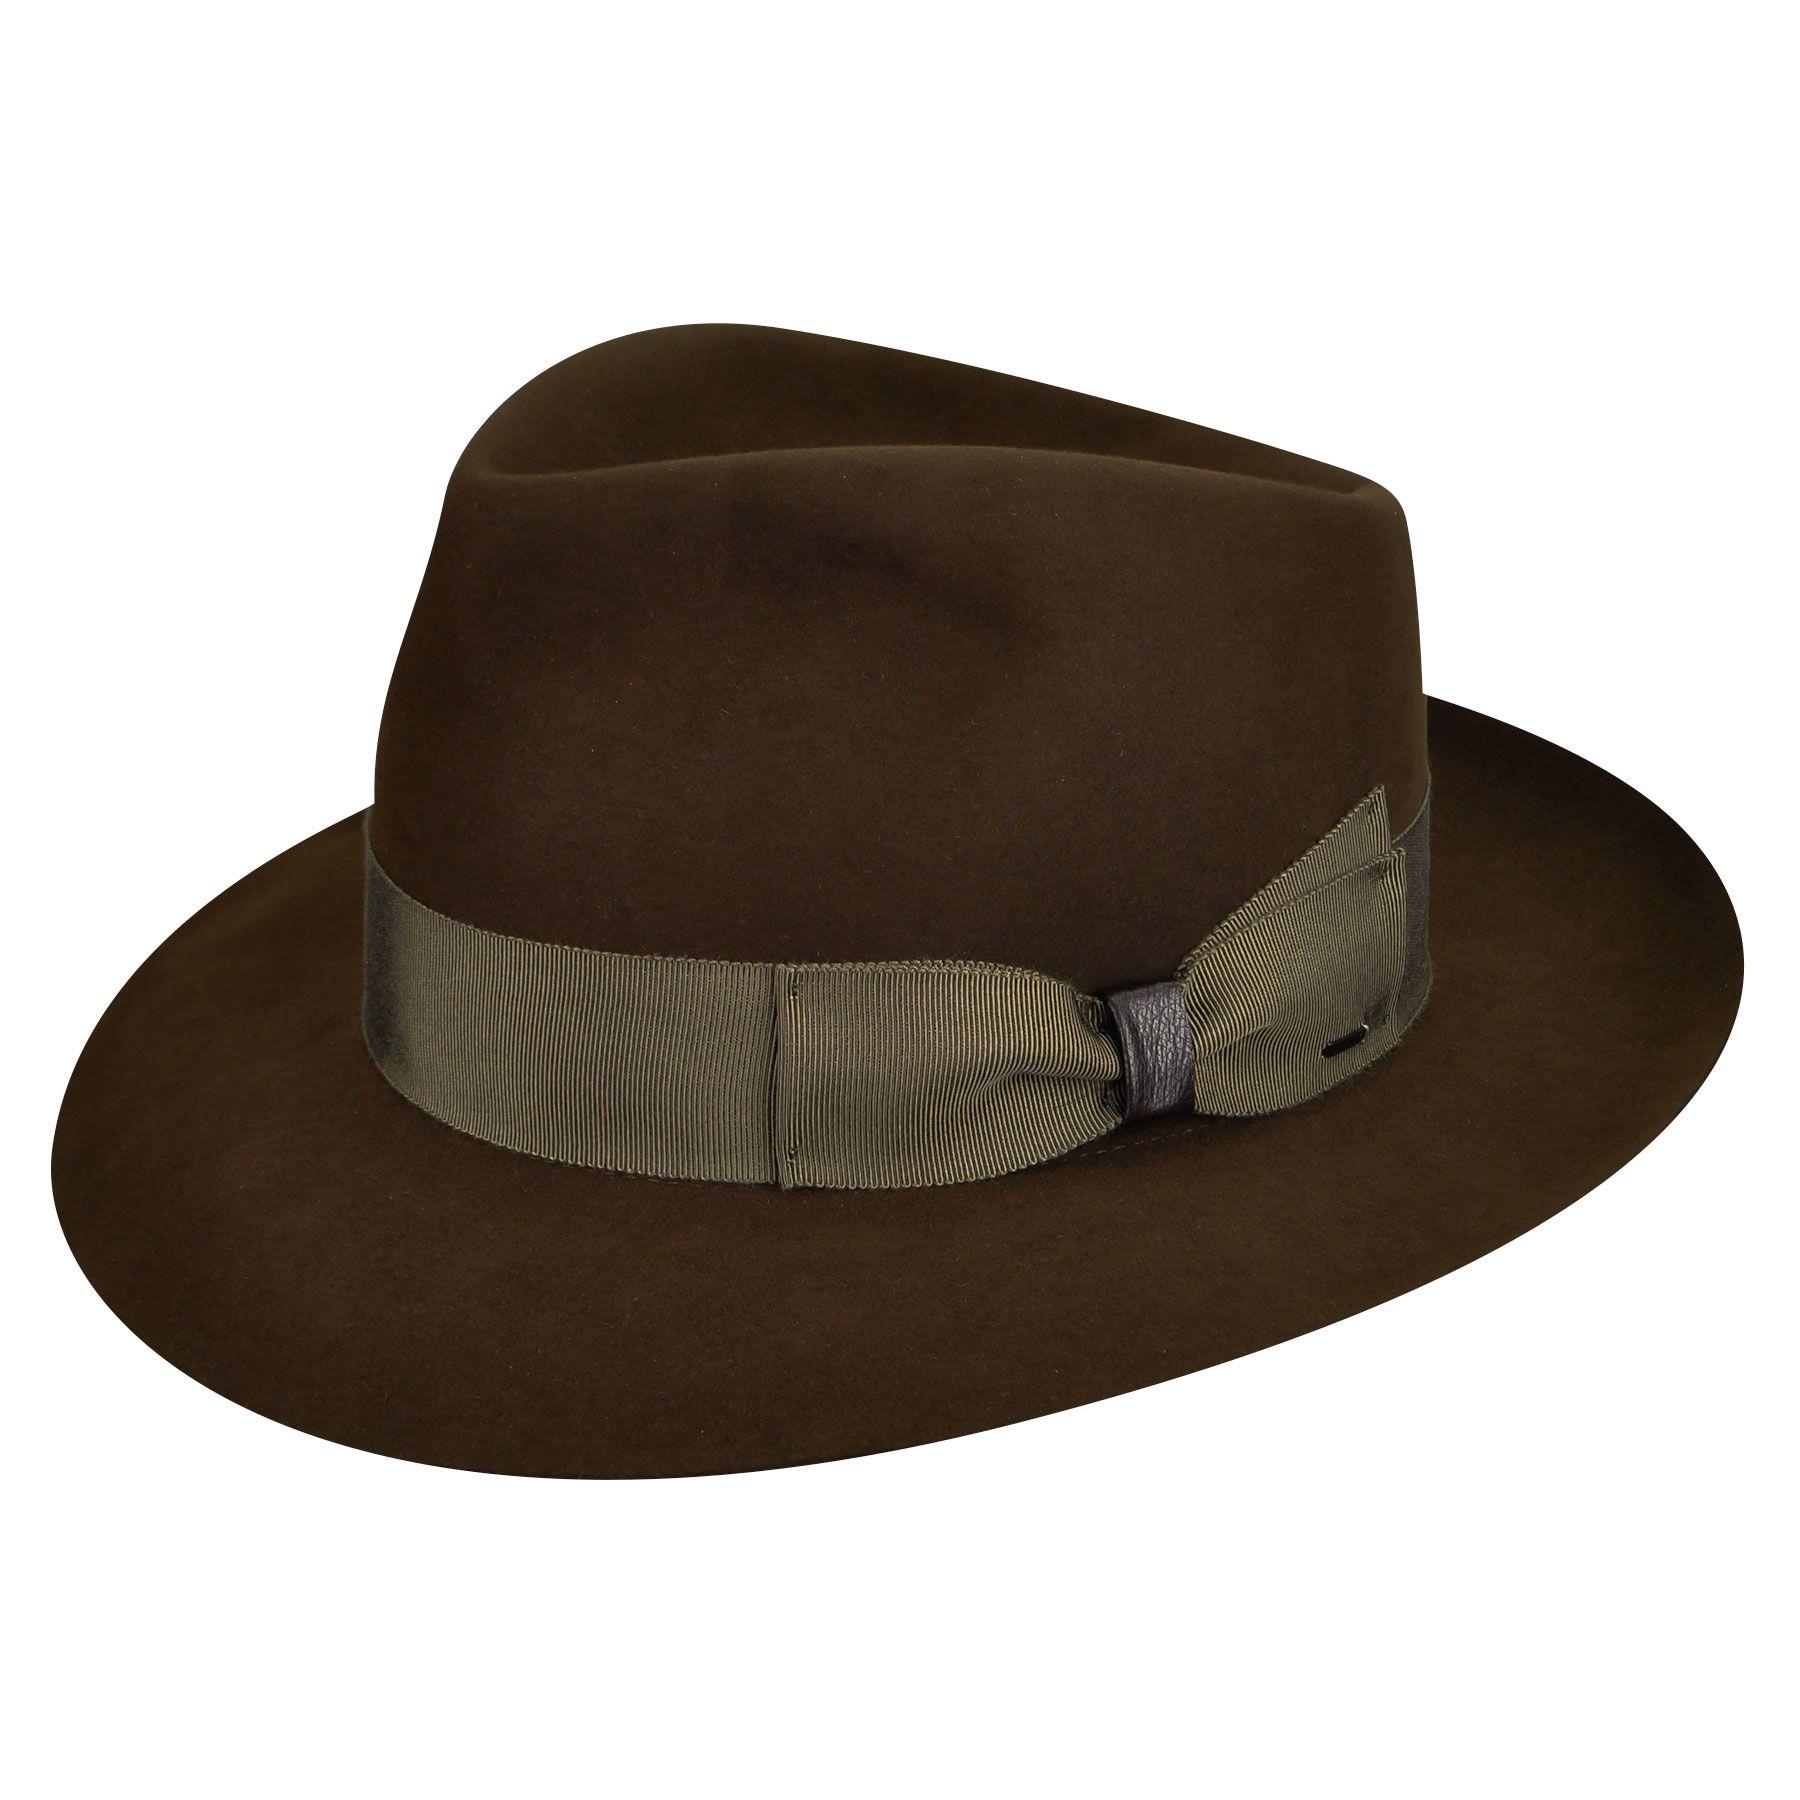 1940s Men s Hats  Vintage Styles 33079e8d235c